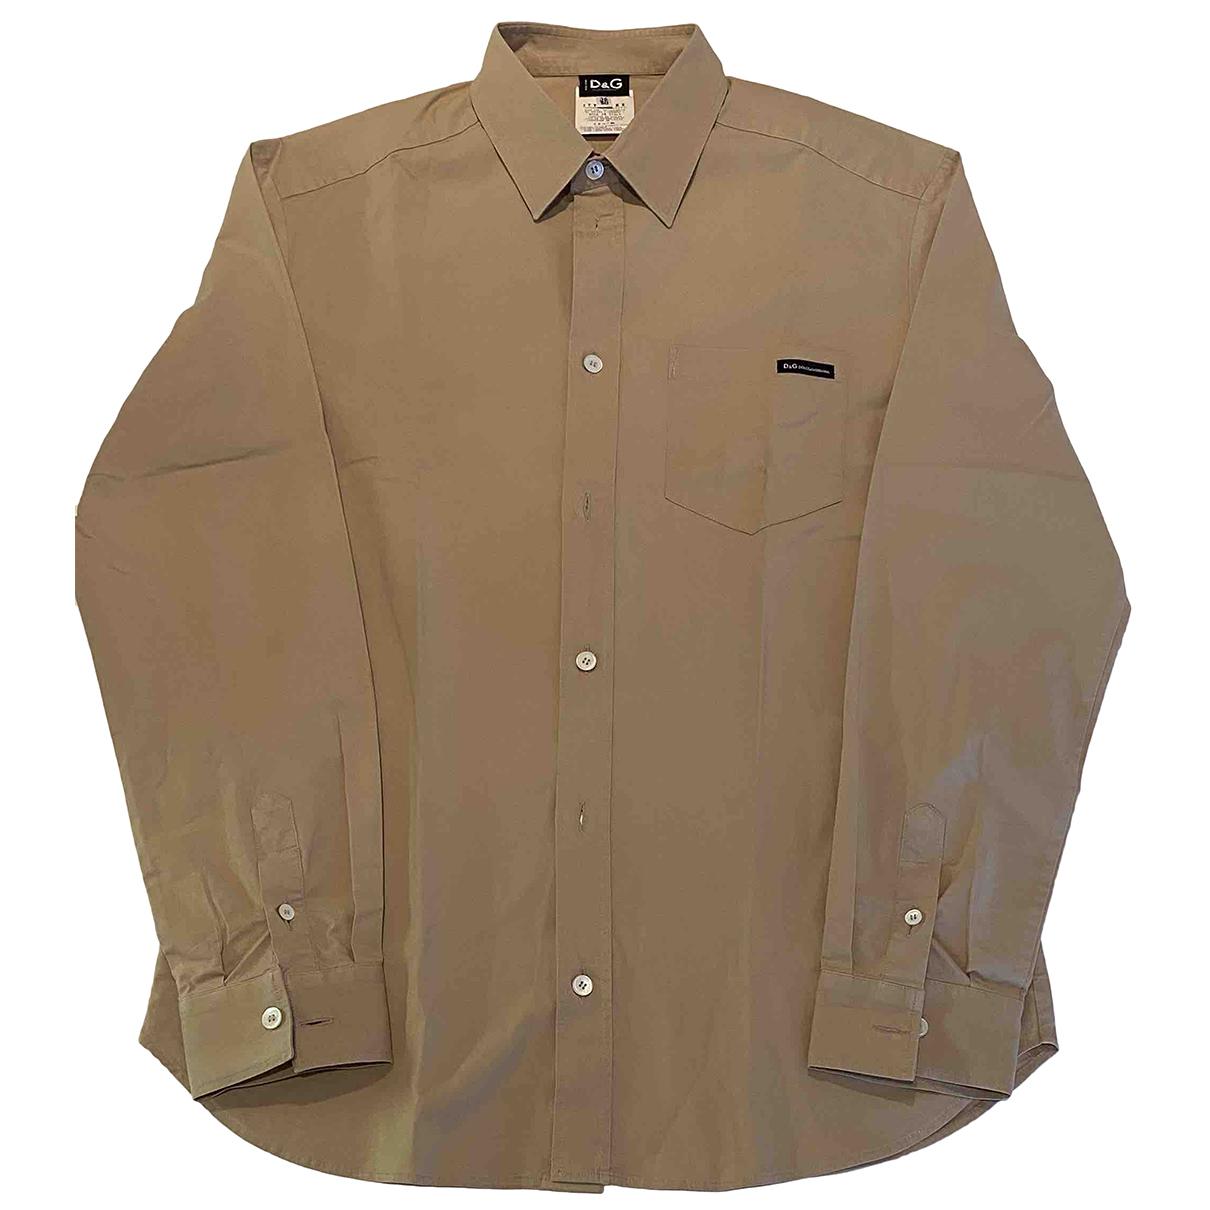 D&g - Chemises   pour homme en coton - beige